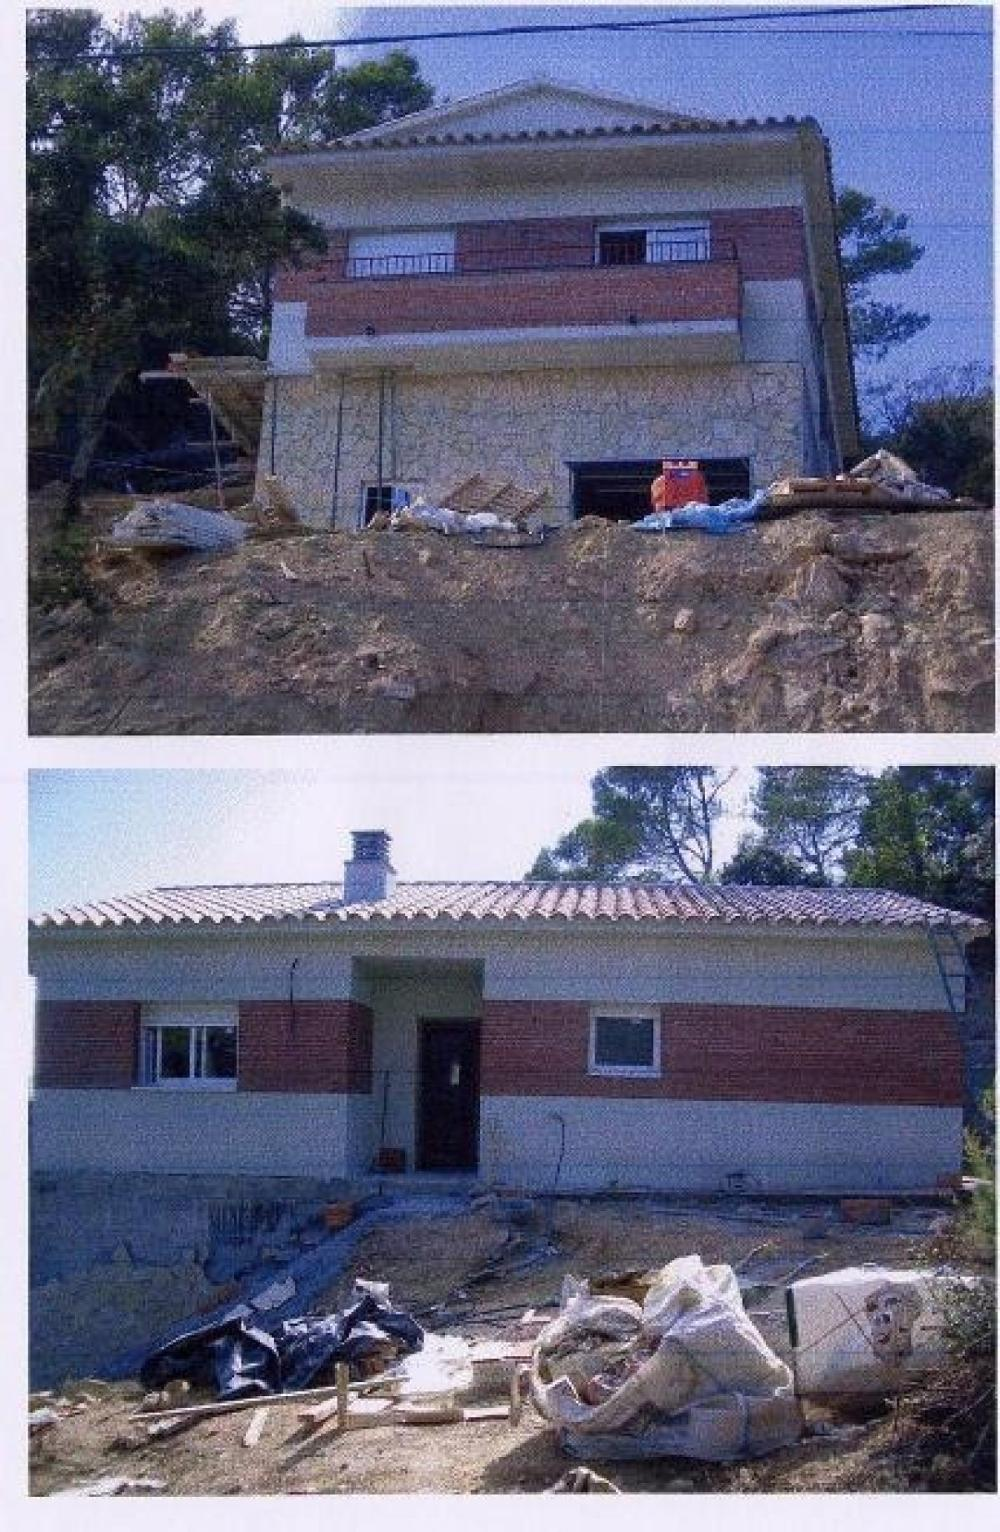 palafolls barcelona casa foto 3392240